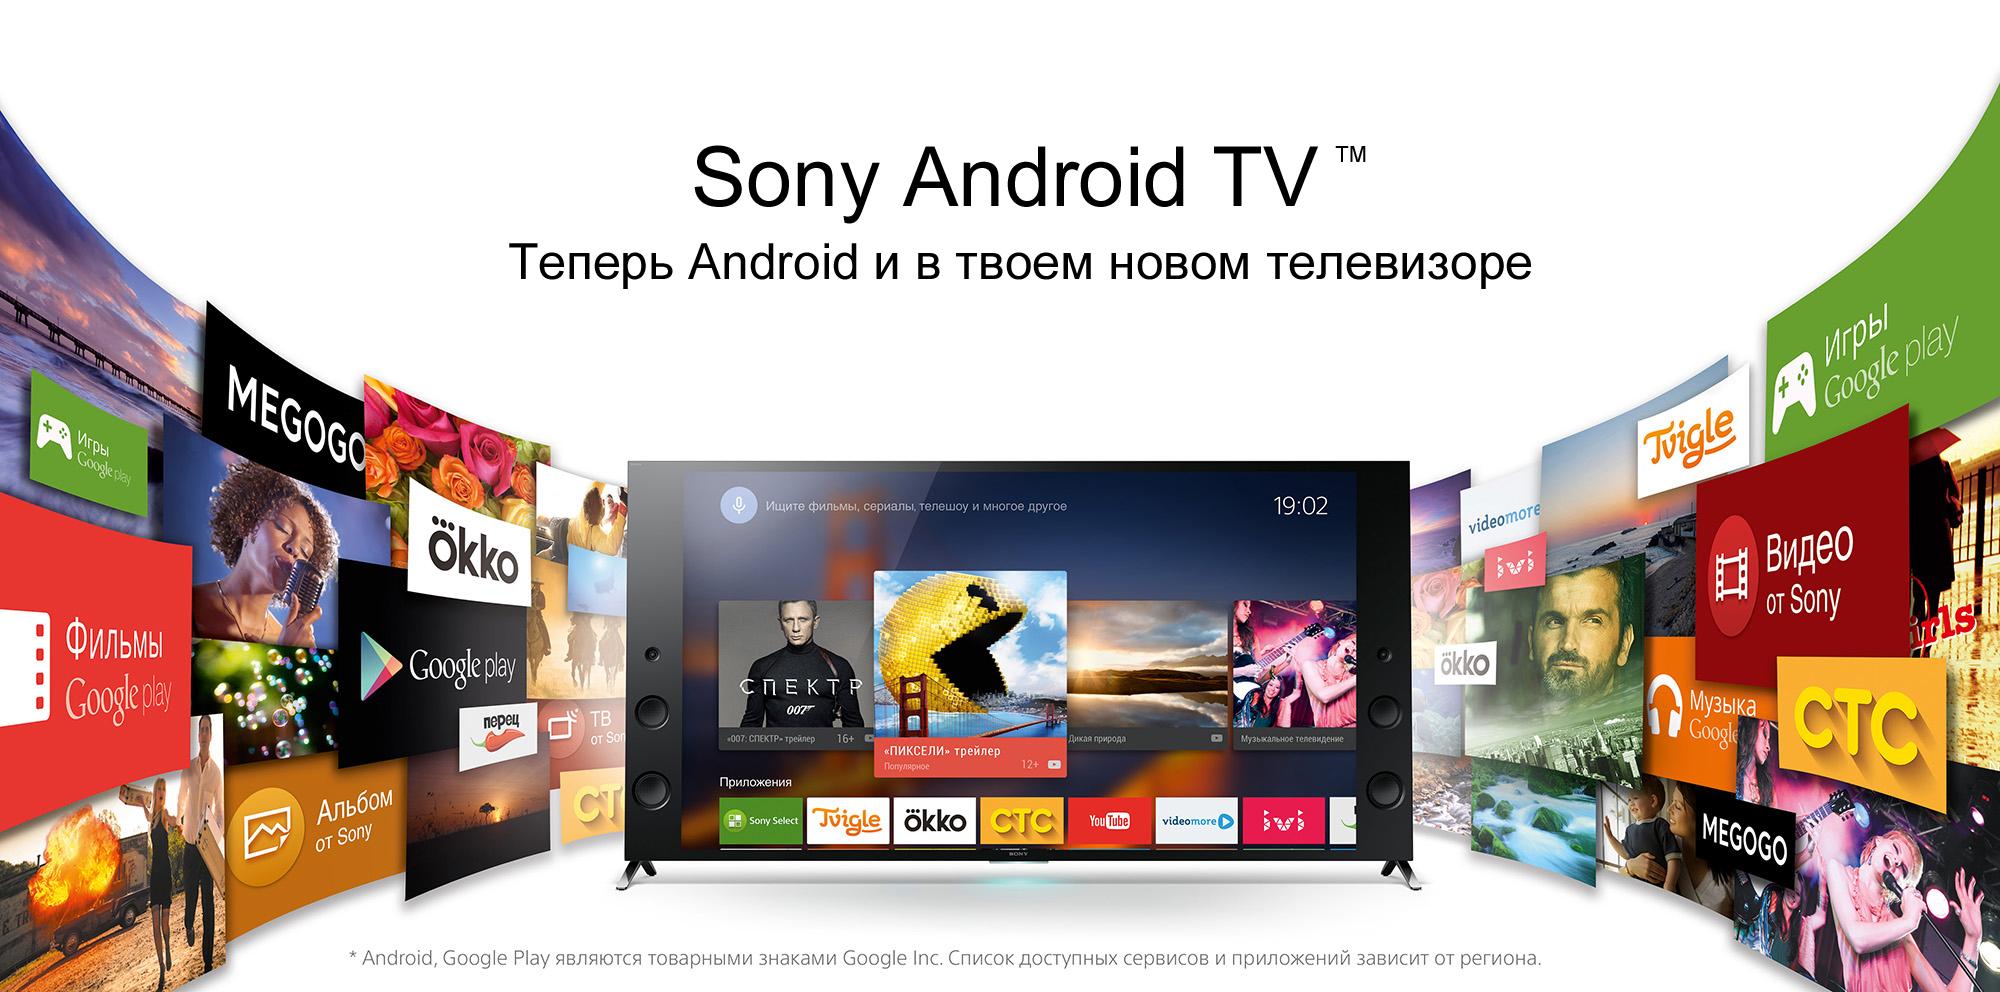 Про Android TV и телевизор Sony